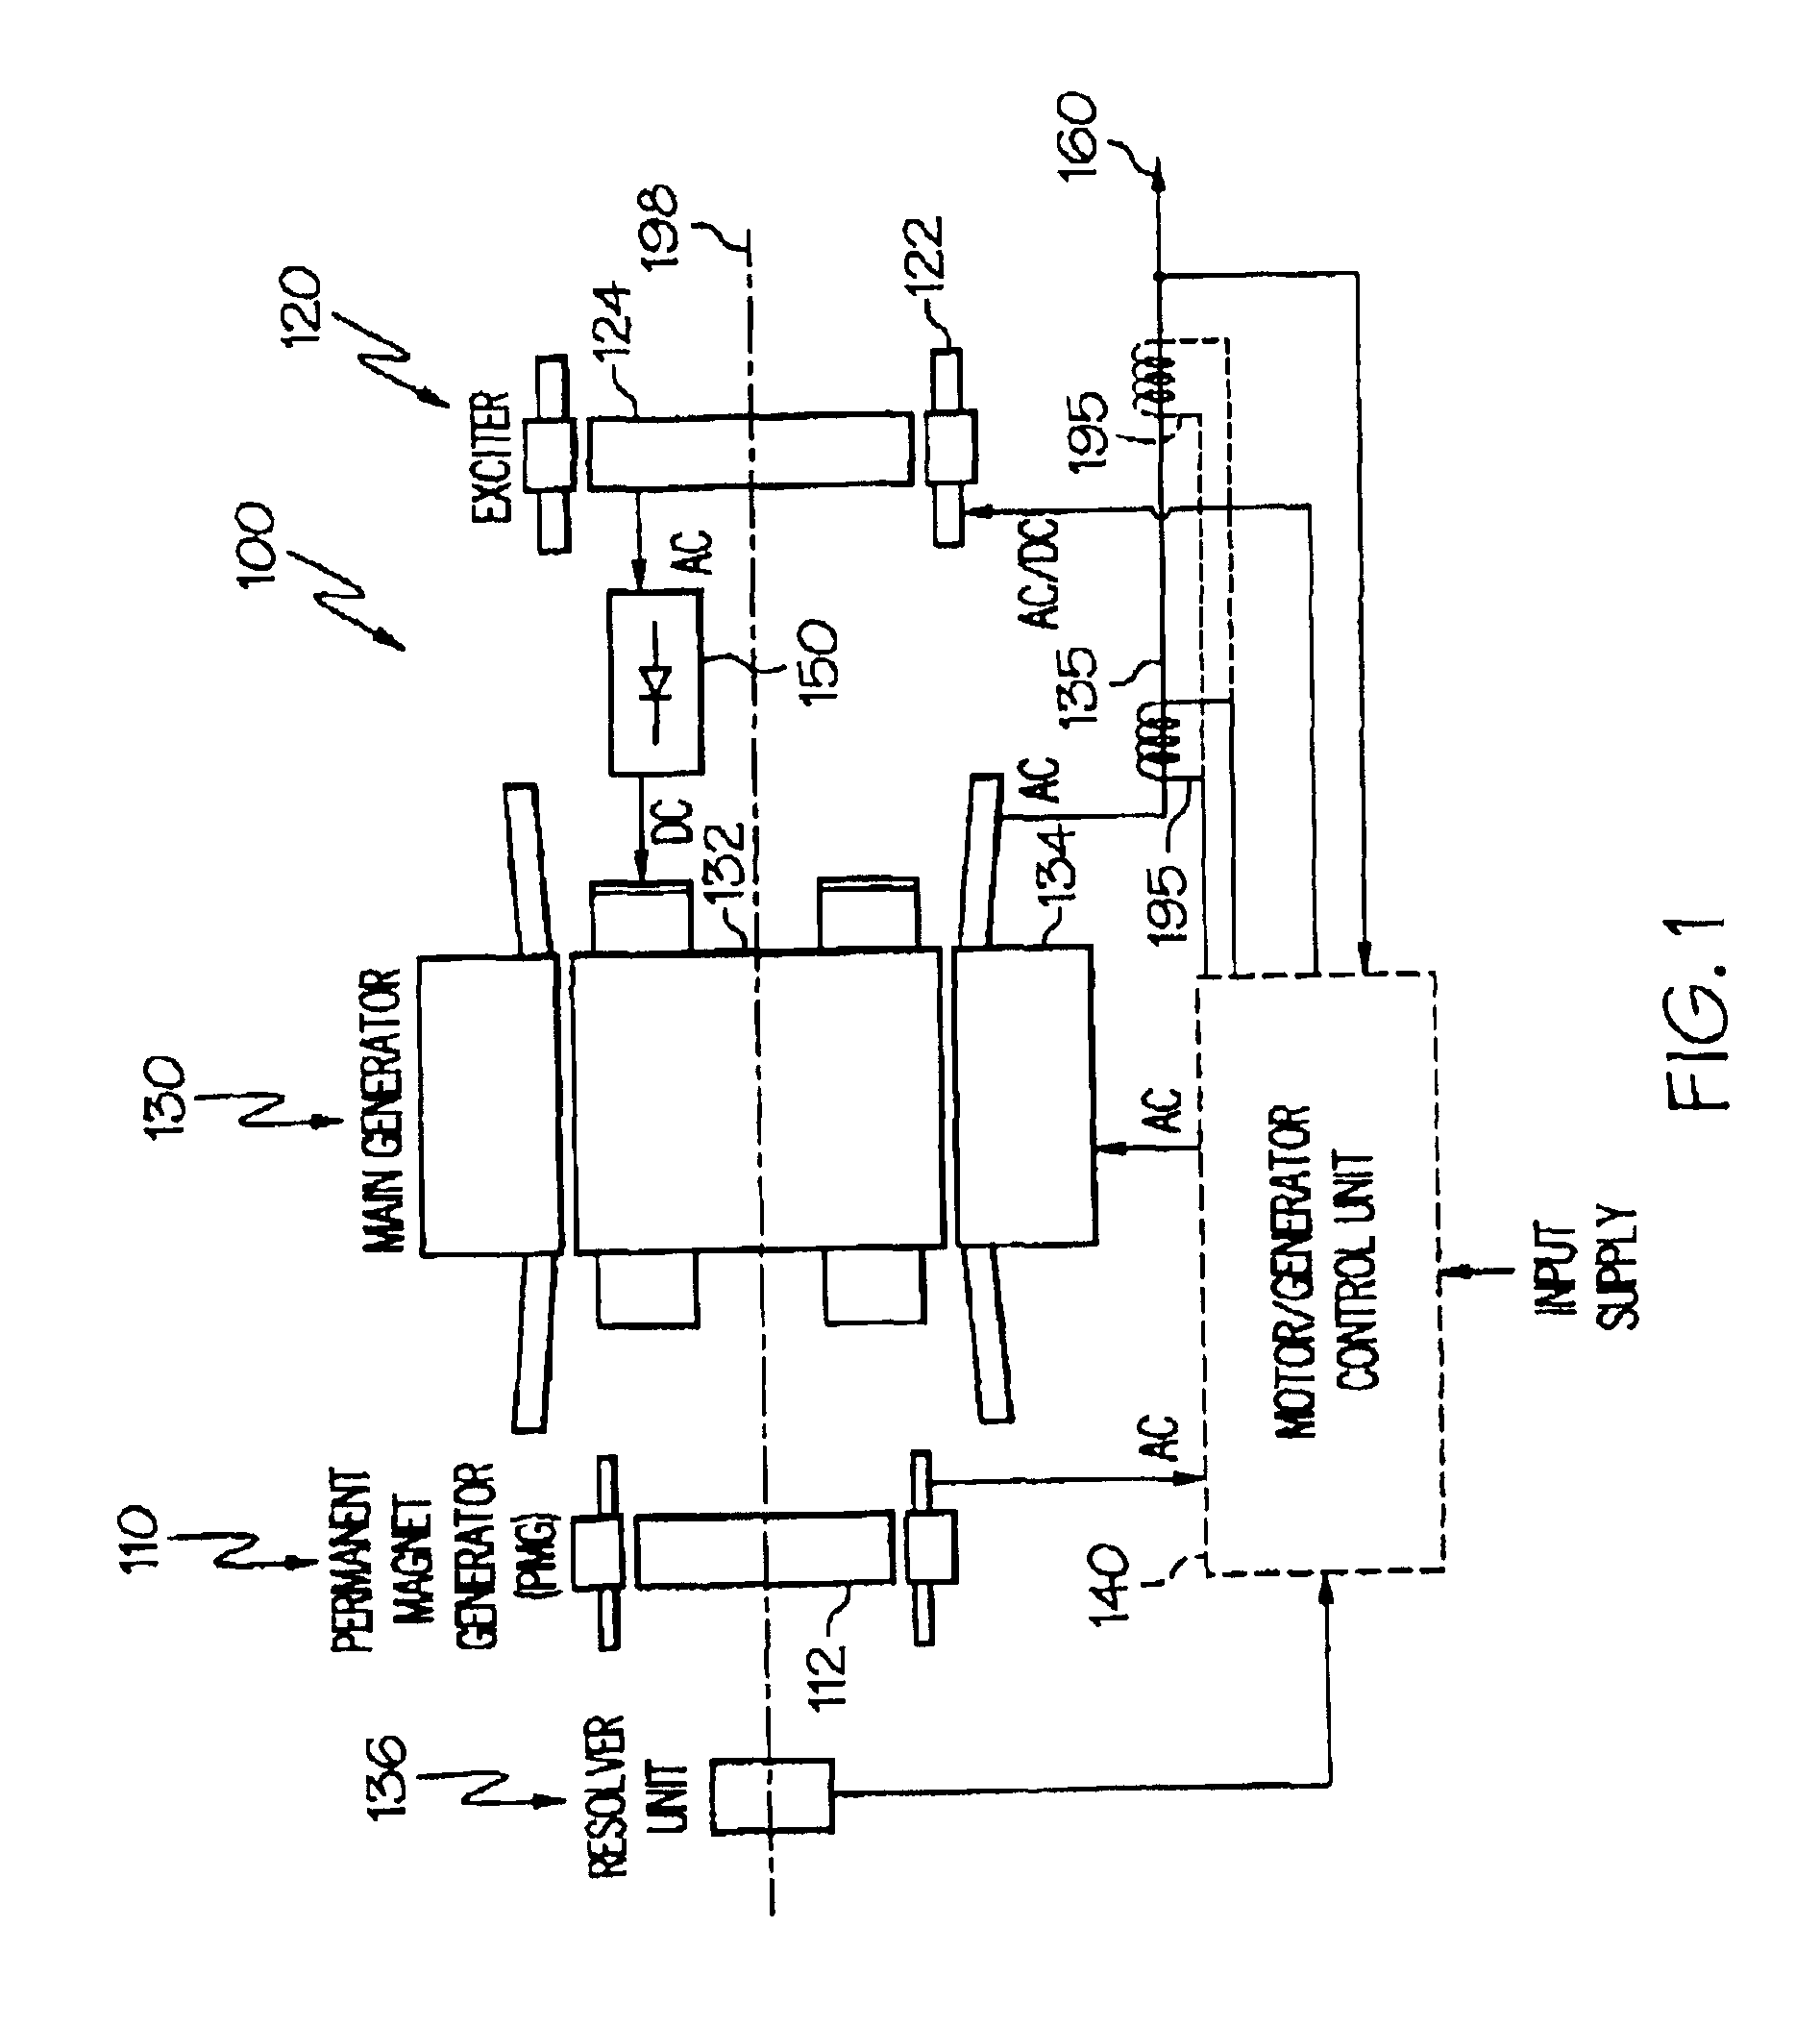 Kato Wiring Control